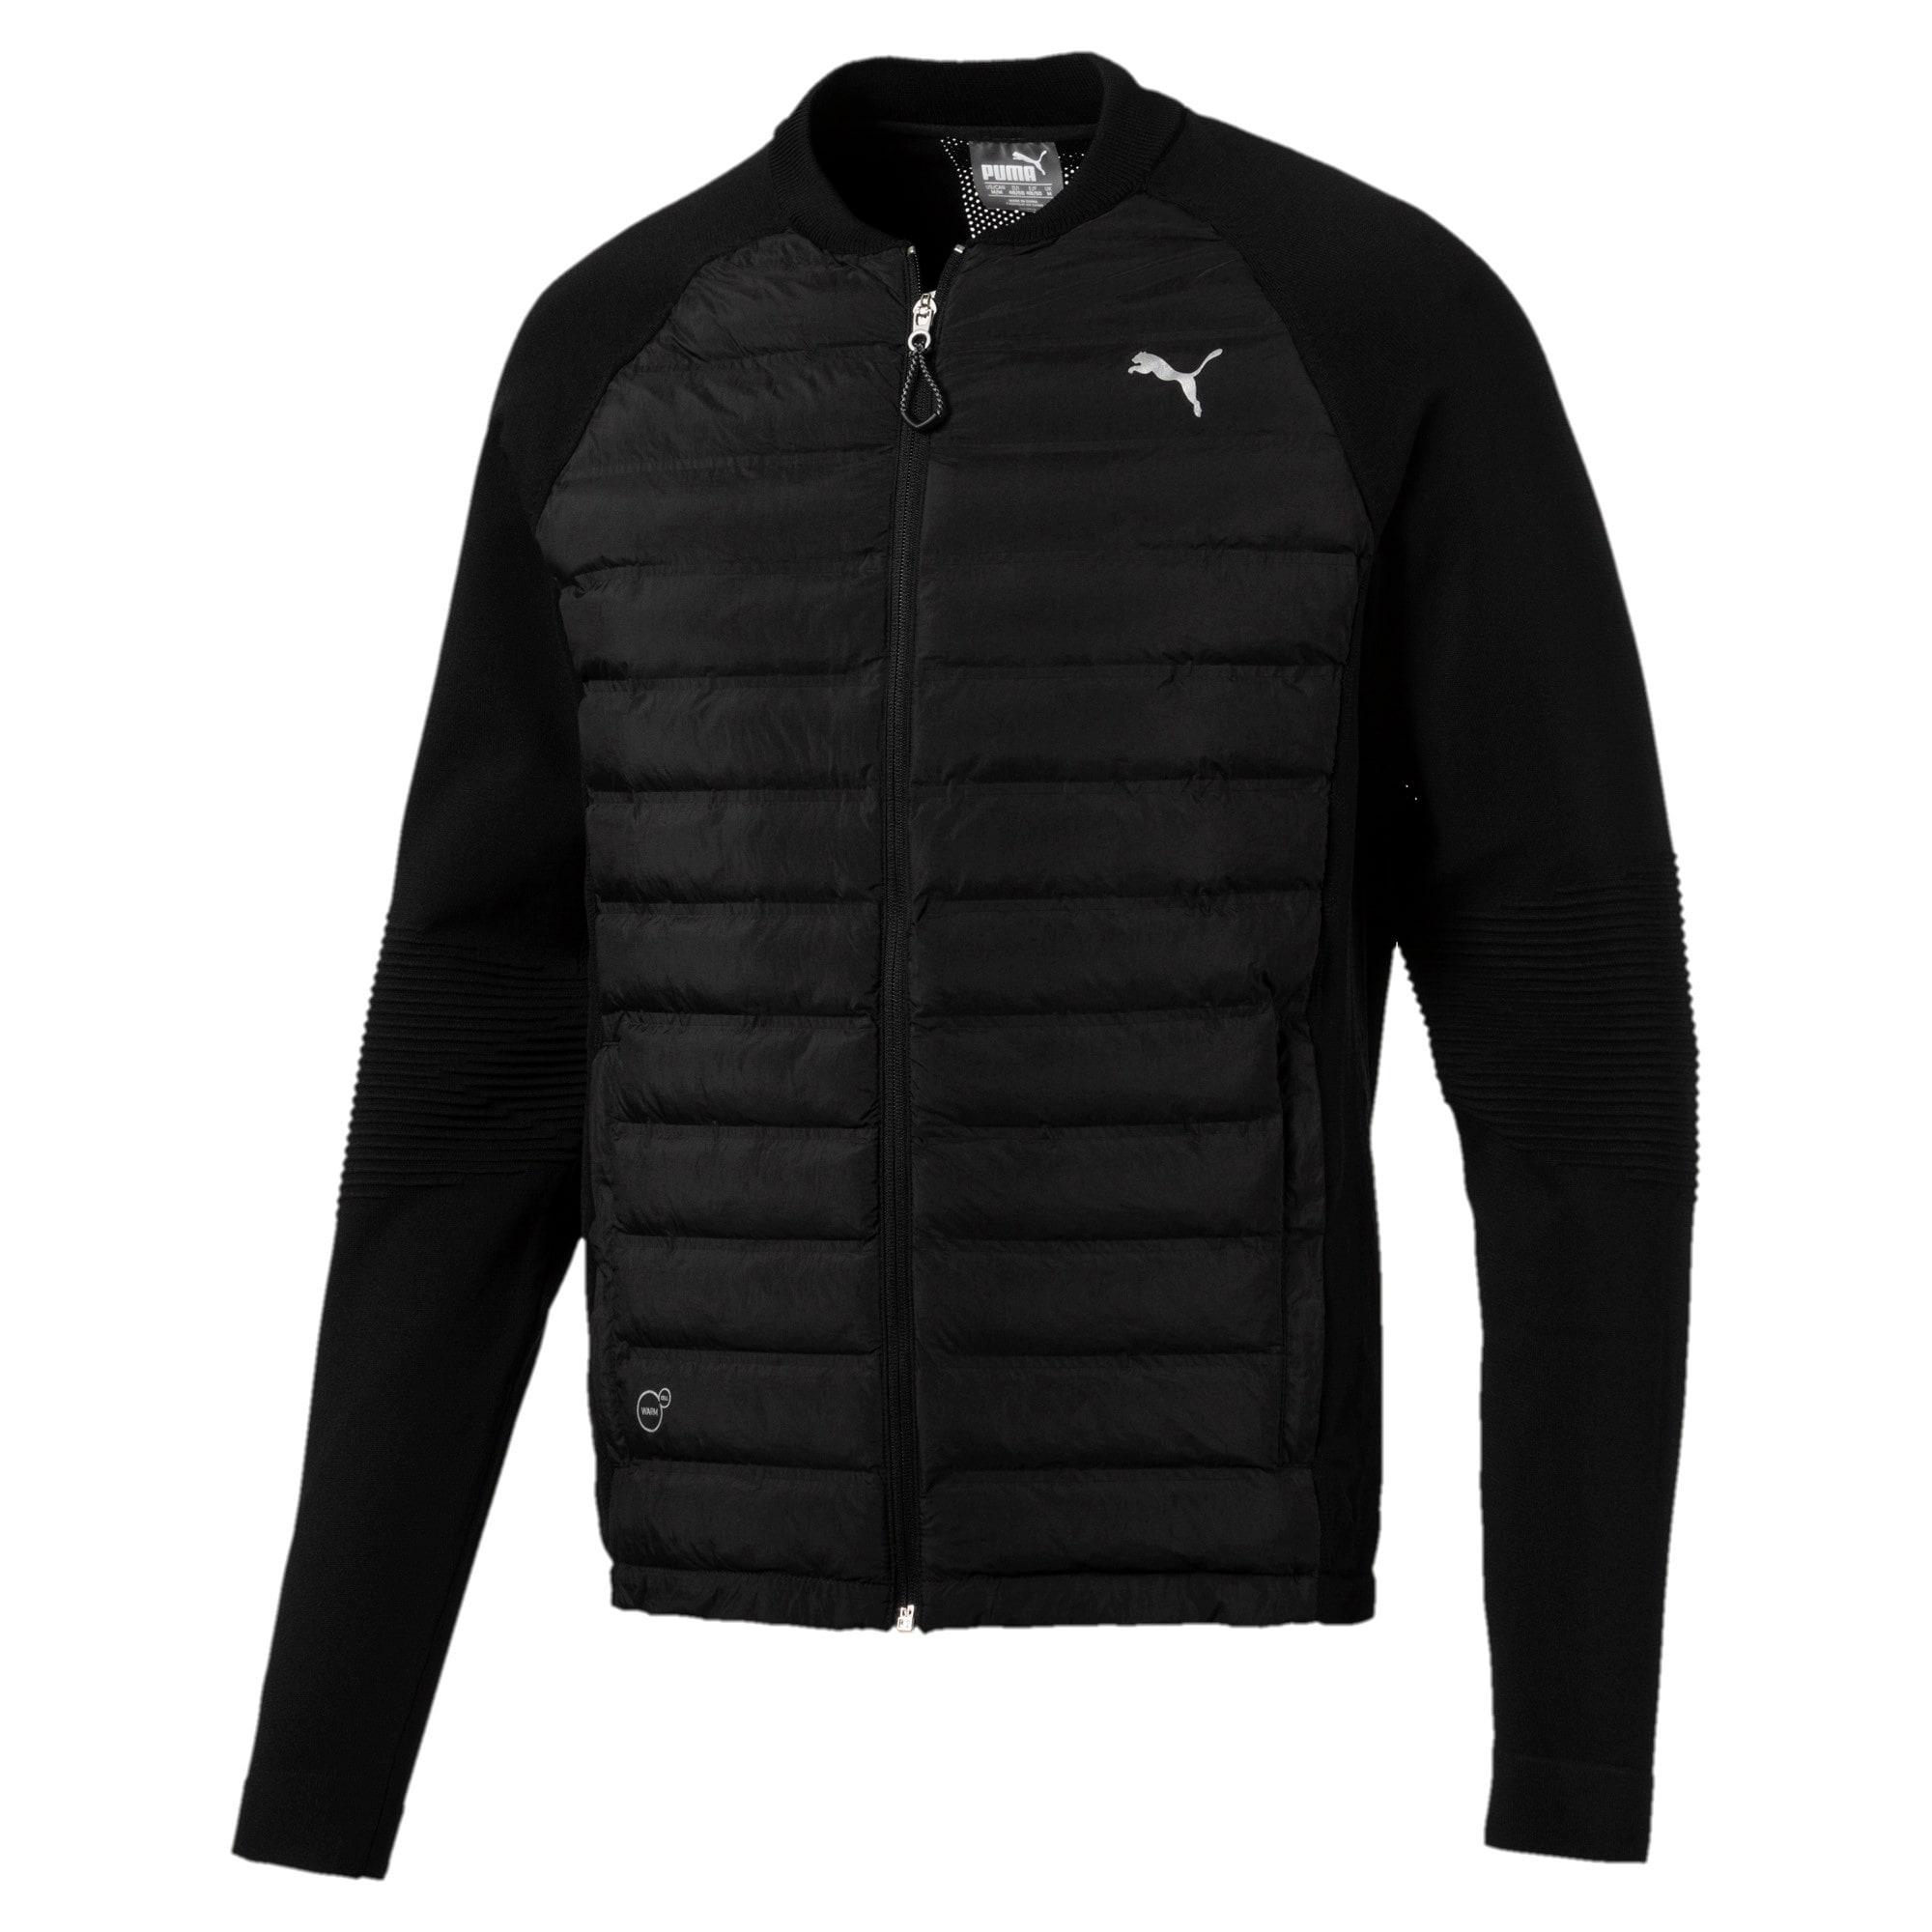 Thumbnail 5 of Running Men's evoKNIT Padded Jacket, Puma Black, medium-IND